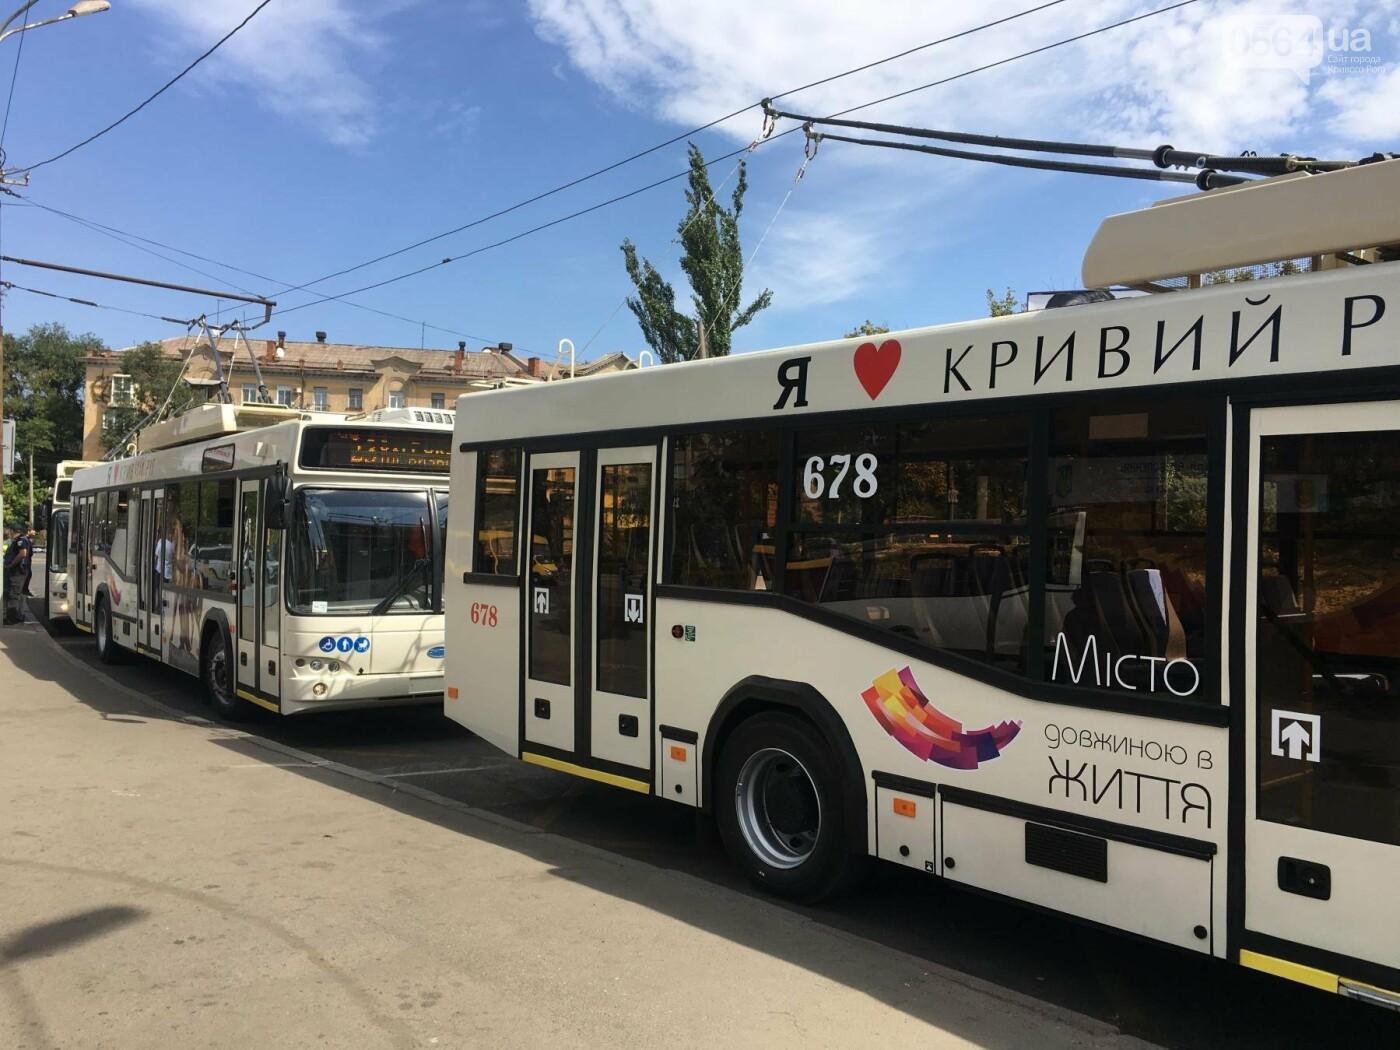 В Кривом Роге выпустили на линию новые троллейбусы и уже думают, как и сохранить их белыми и чистыми, - ФОТО, ВИДЕО, фото-28